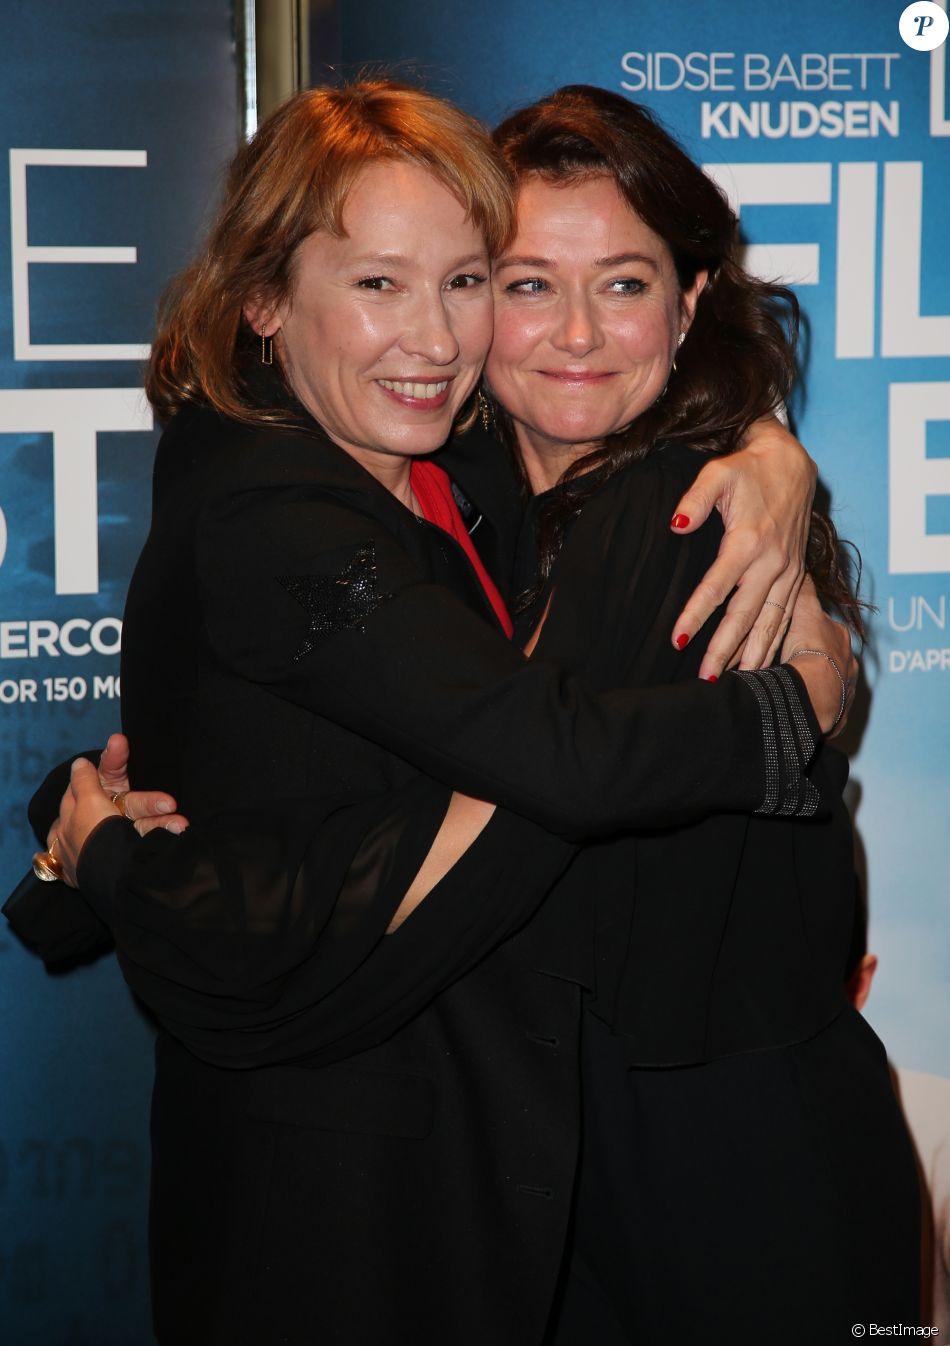 """Emmanuelle Bercot et Sidse Babett Knudsen - Avant-première du film """"La Fille de Brest"""" au cinéma UGC Les Halles à Paris, le 21 novembre 2016. © Marc Ausset Lacroix/Bestimage"""